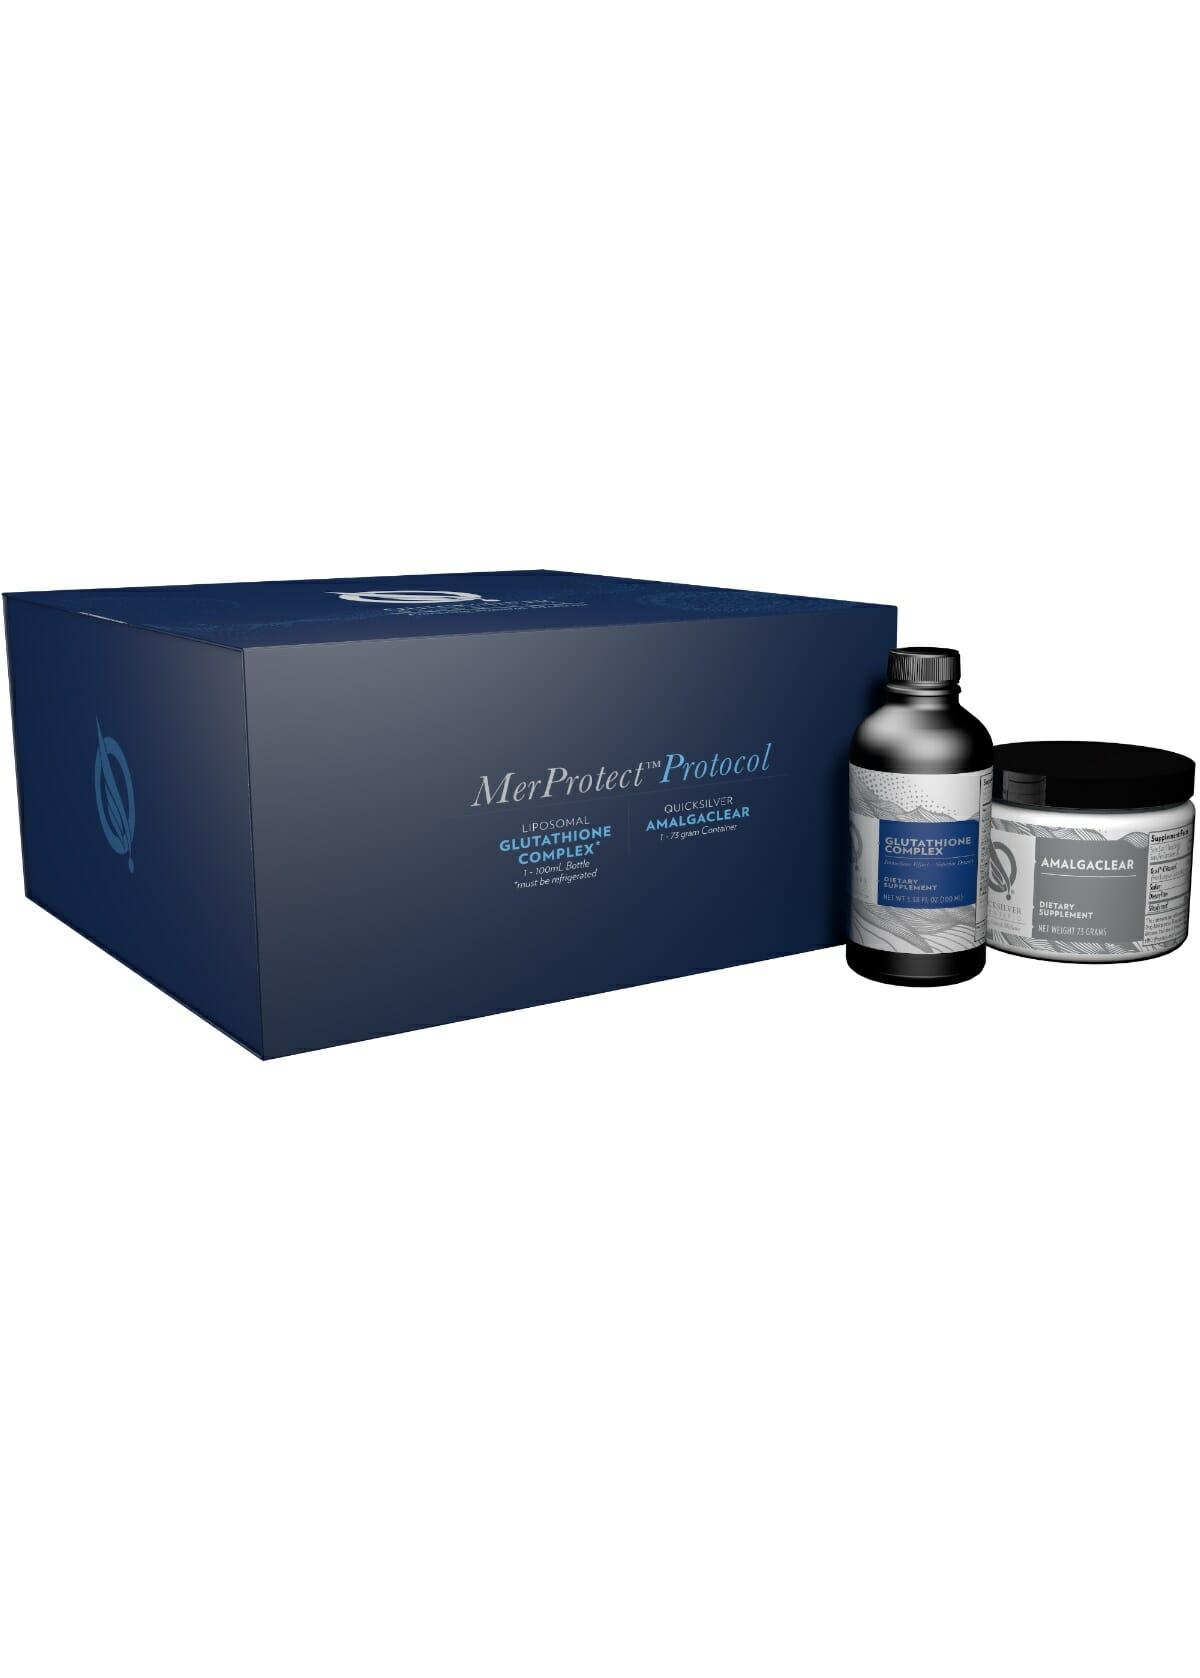 Quicksilver Scientific Merprotect Qsmer Detox